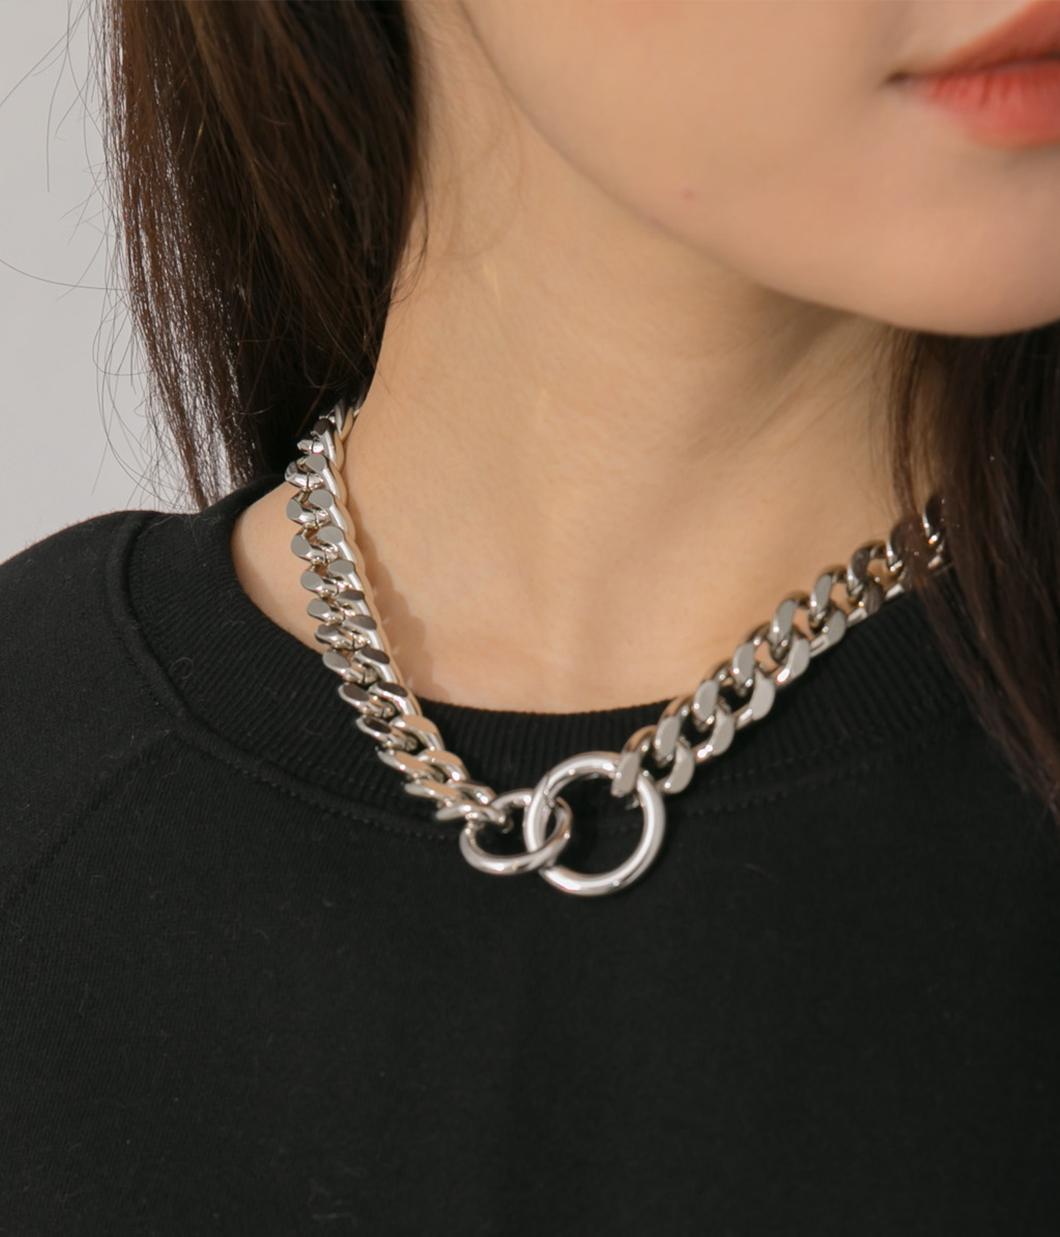 歐美風釦環式項鍊